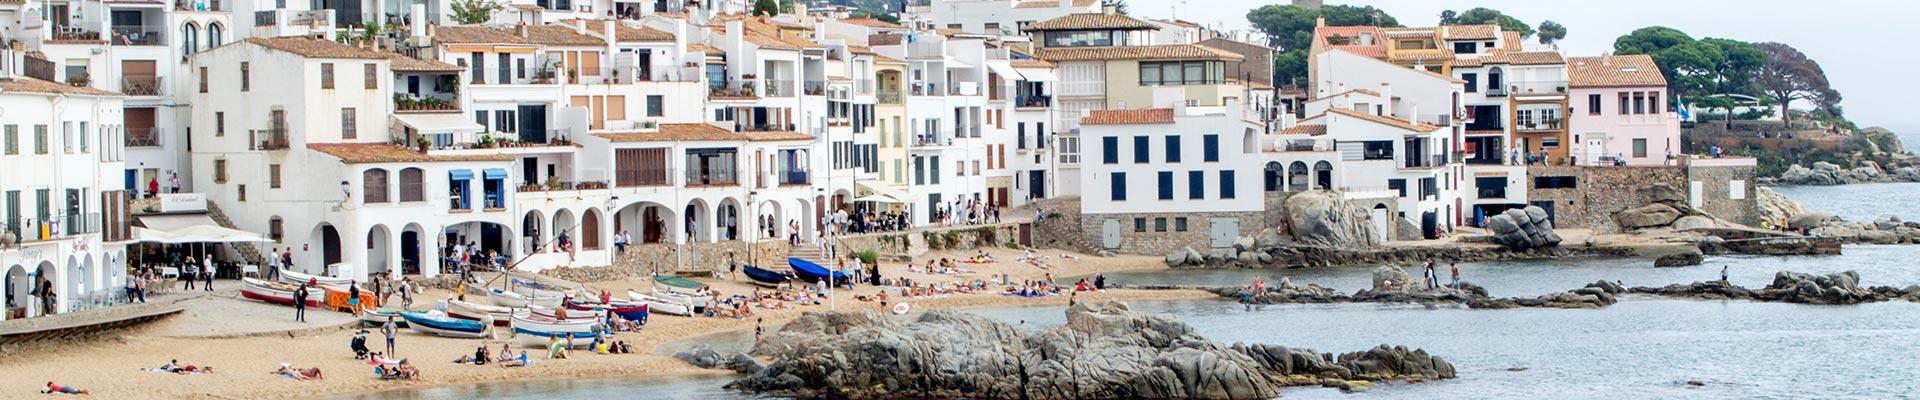 A seaside scene from Europe